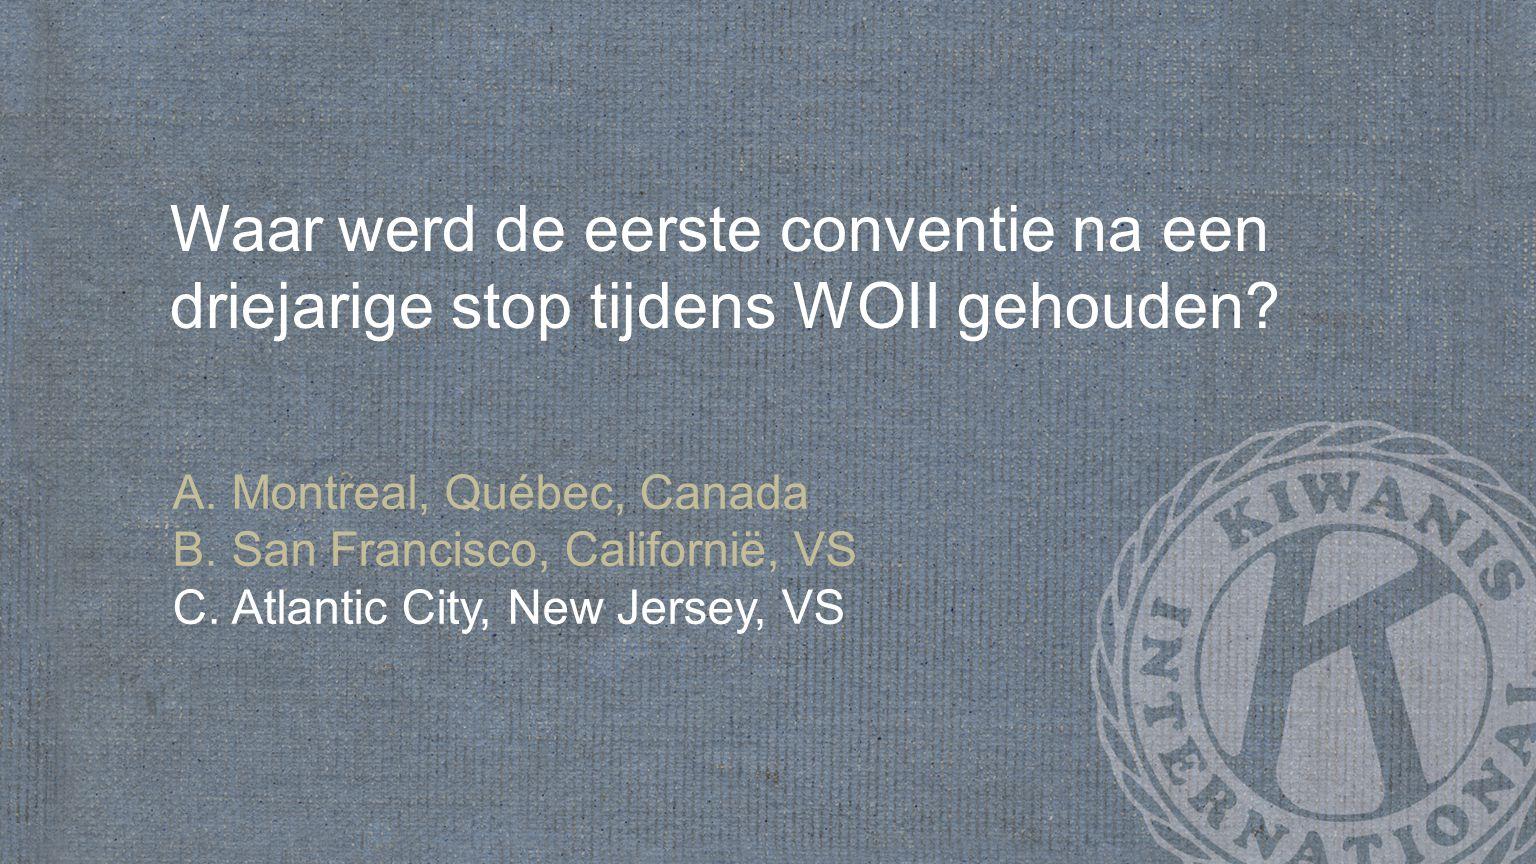 Waar werd de eerste conventie na een driejarige stop tijdens WOII gehouden.